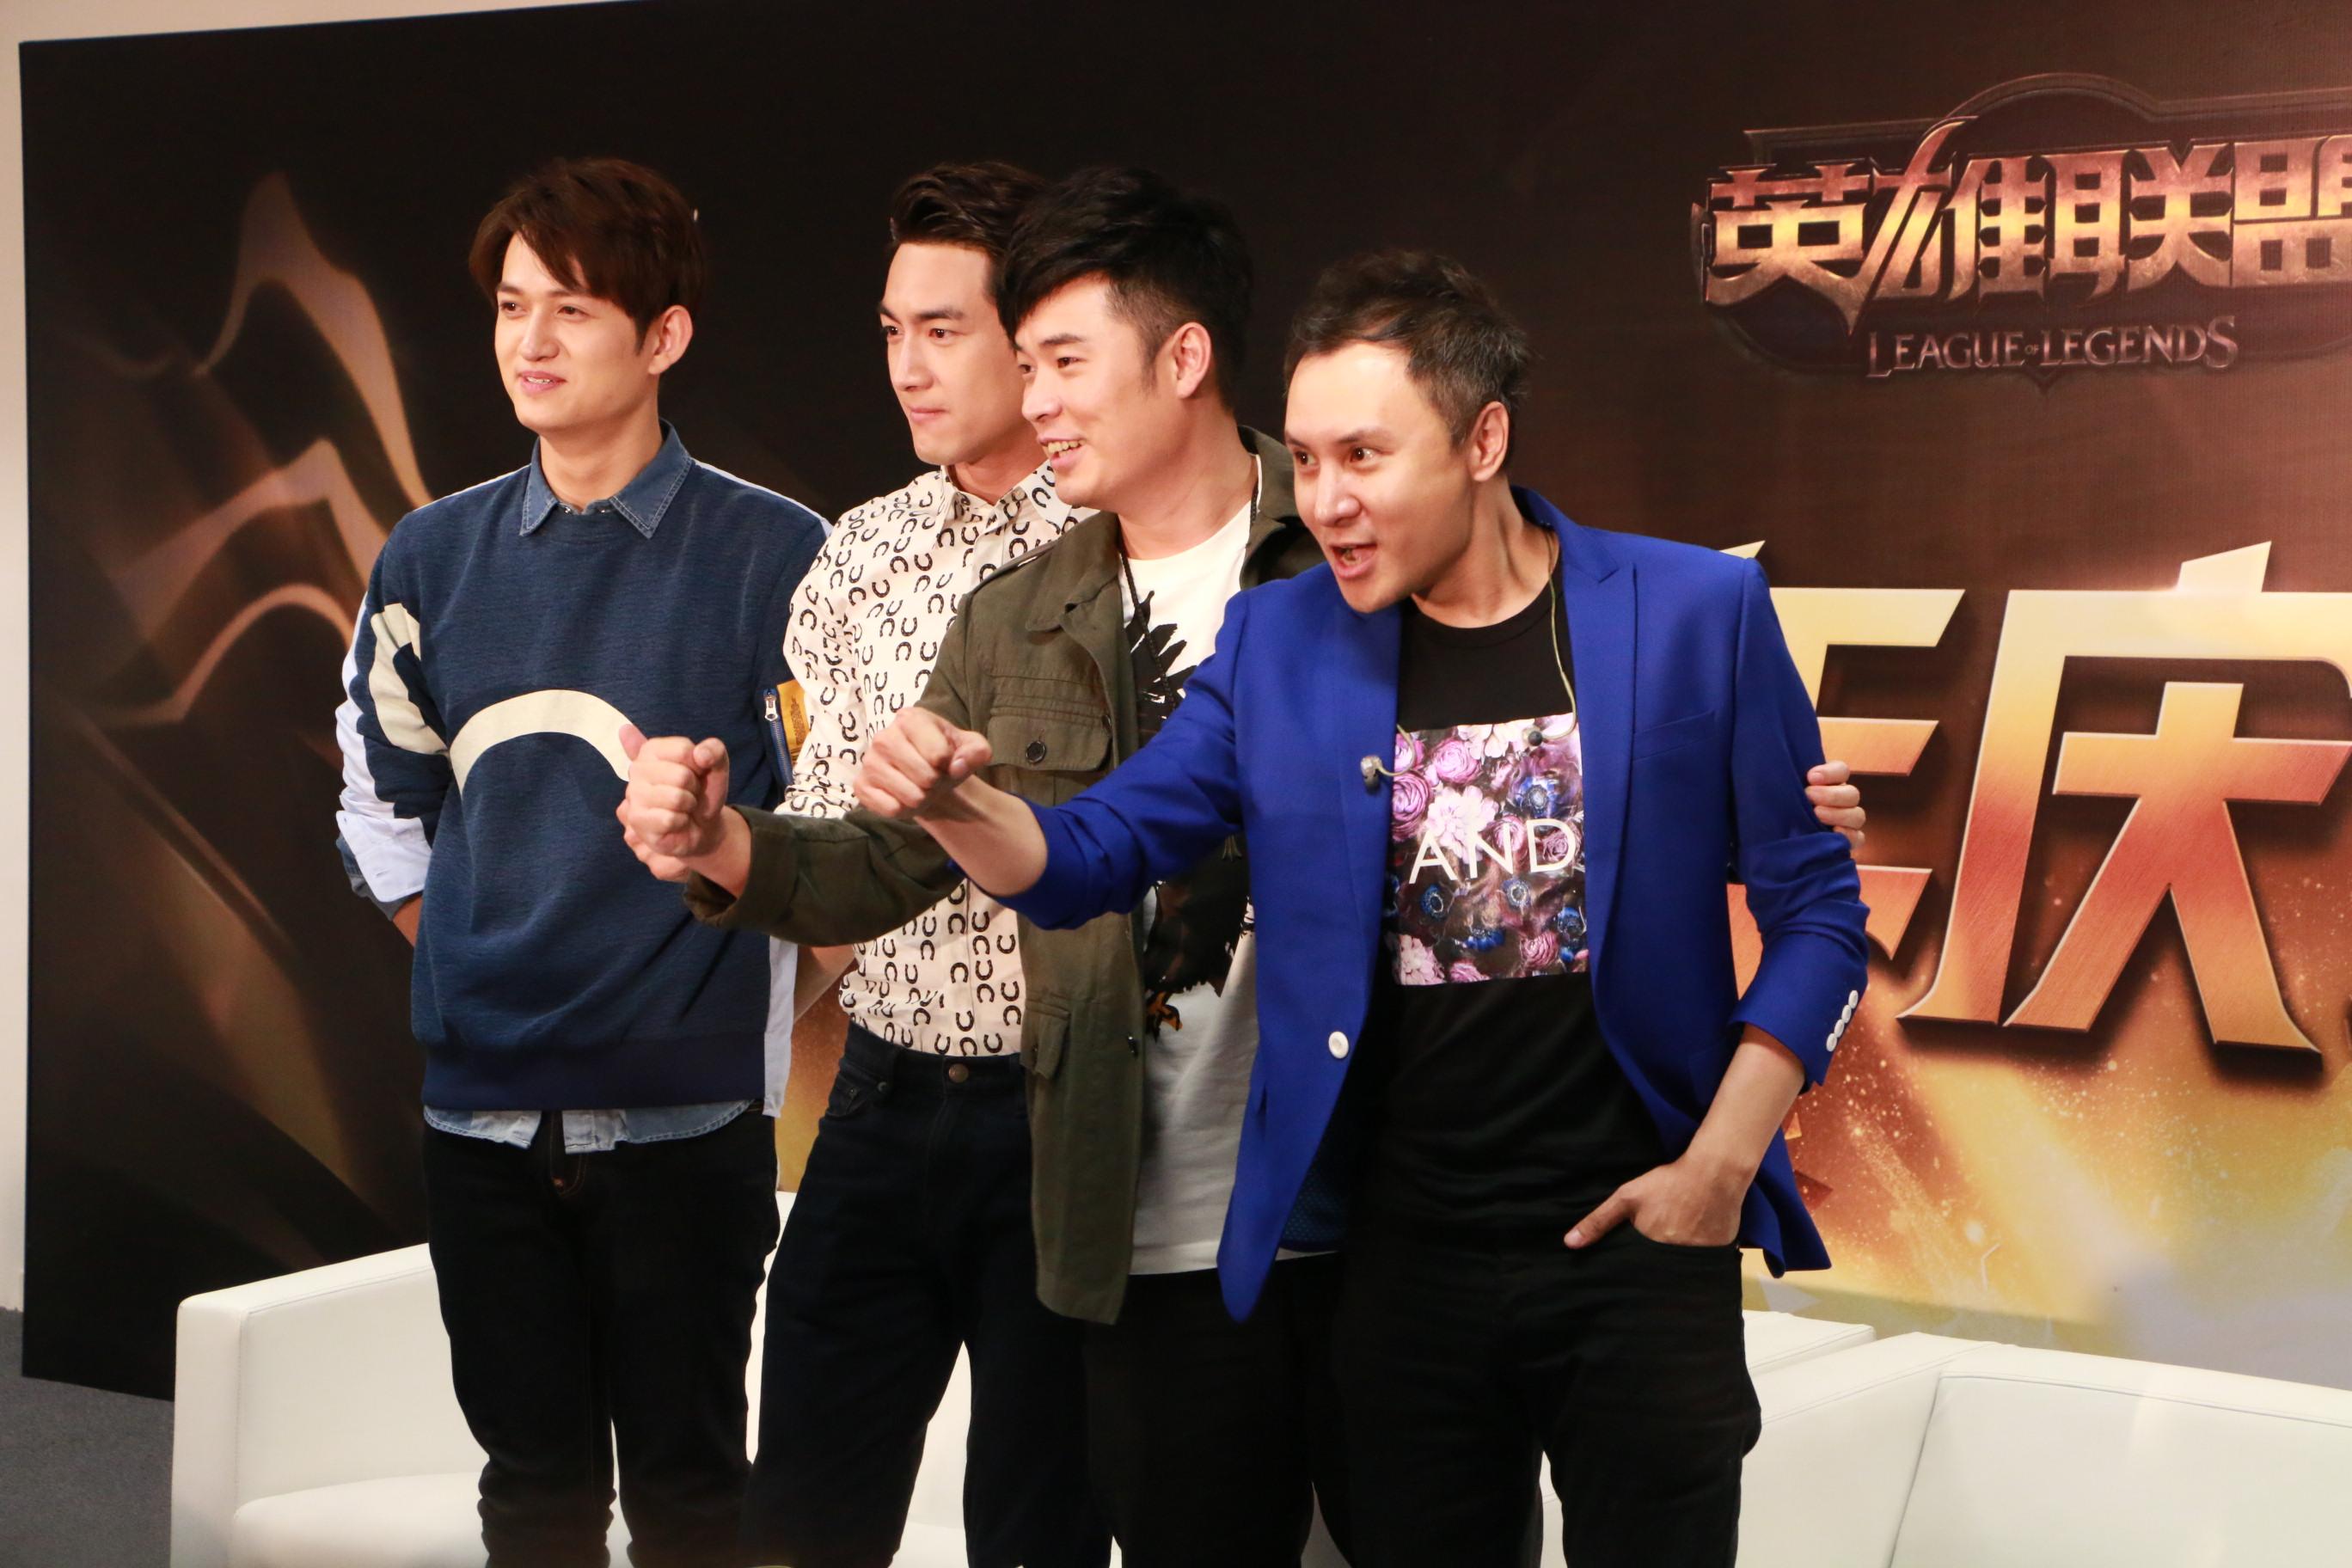 五周年表演赛·中国明星队赛前采访:马可表示力保林更新